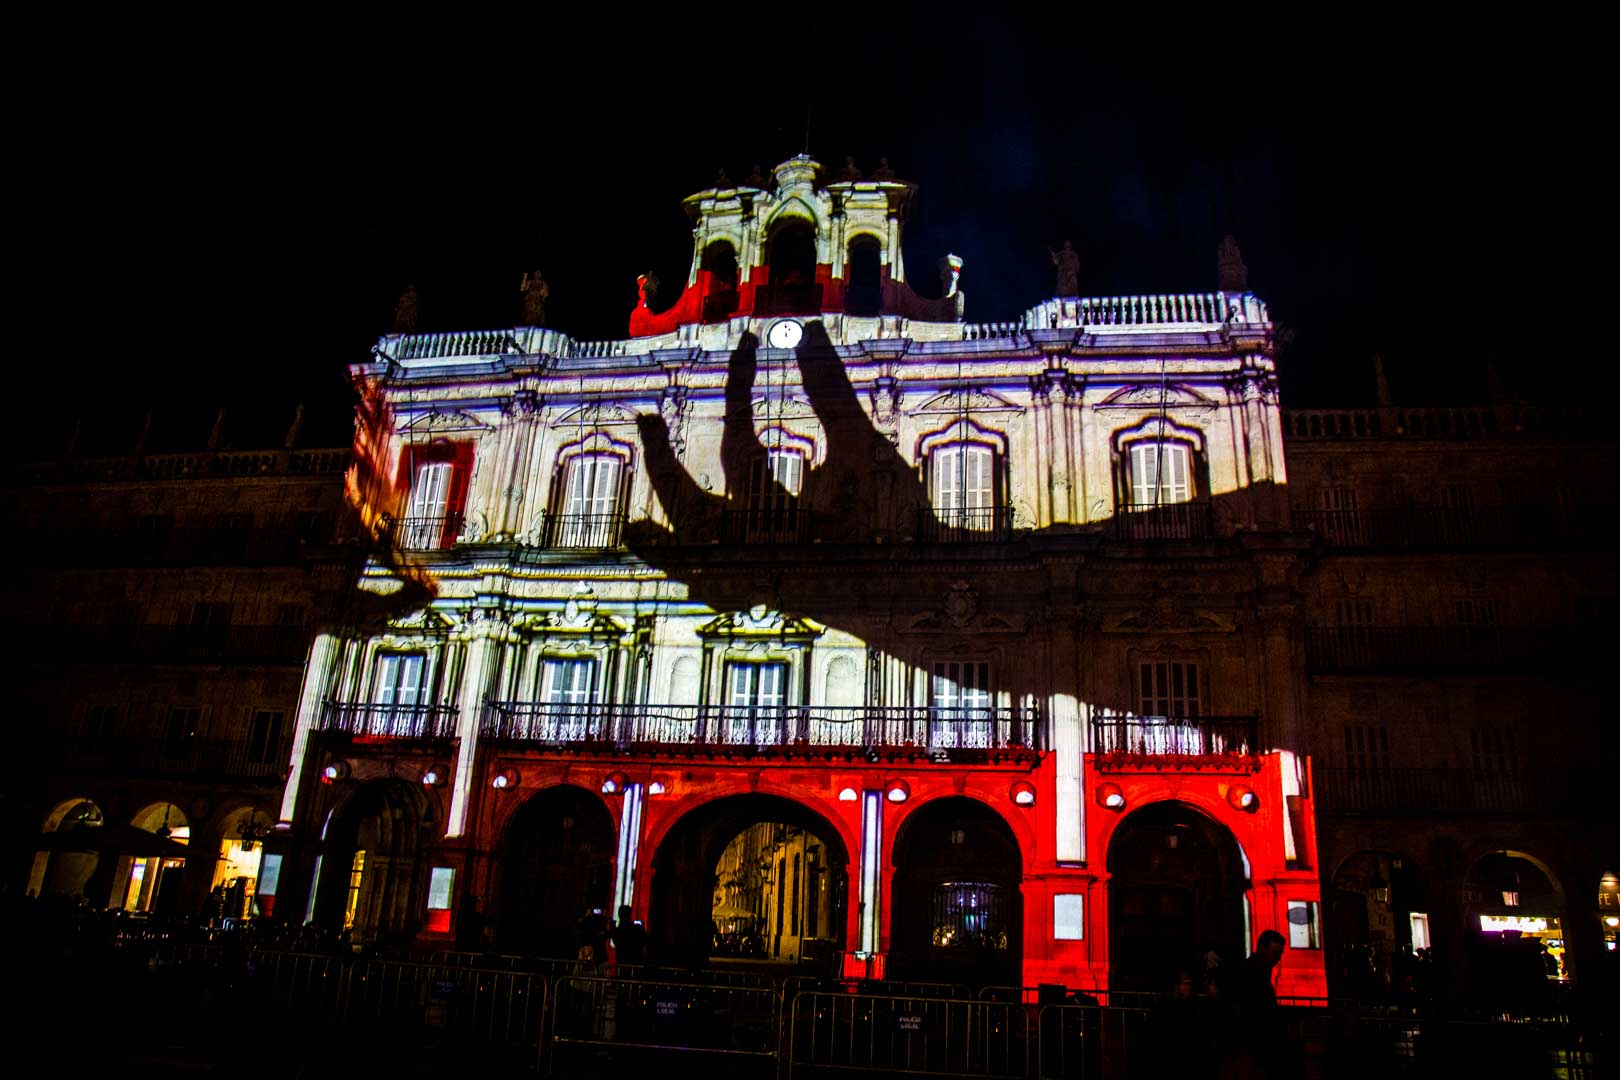 Video Mapping Festival de Luz y Vanguardia 2019 Salamanca, España